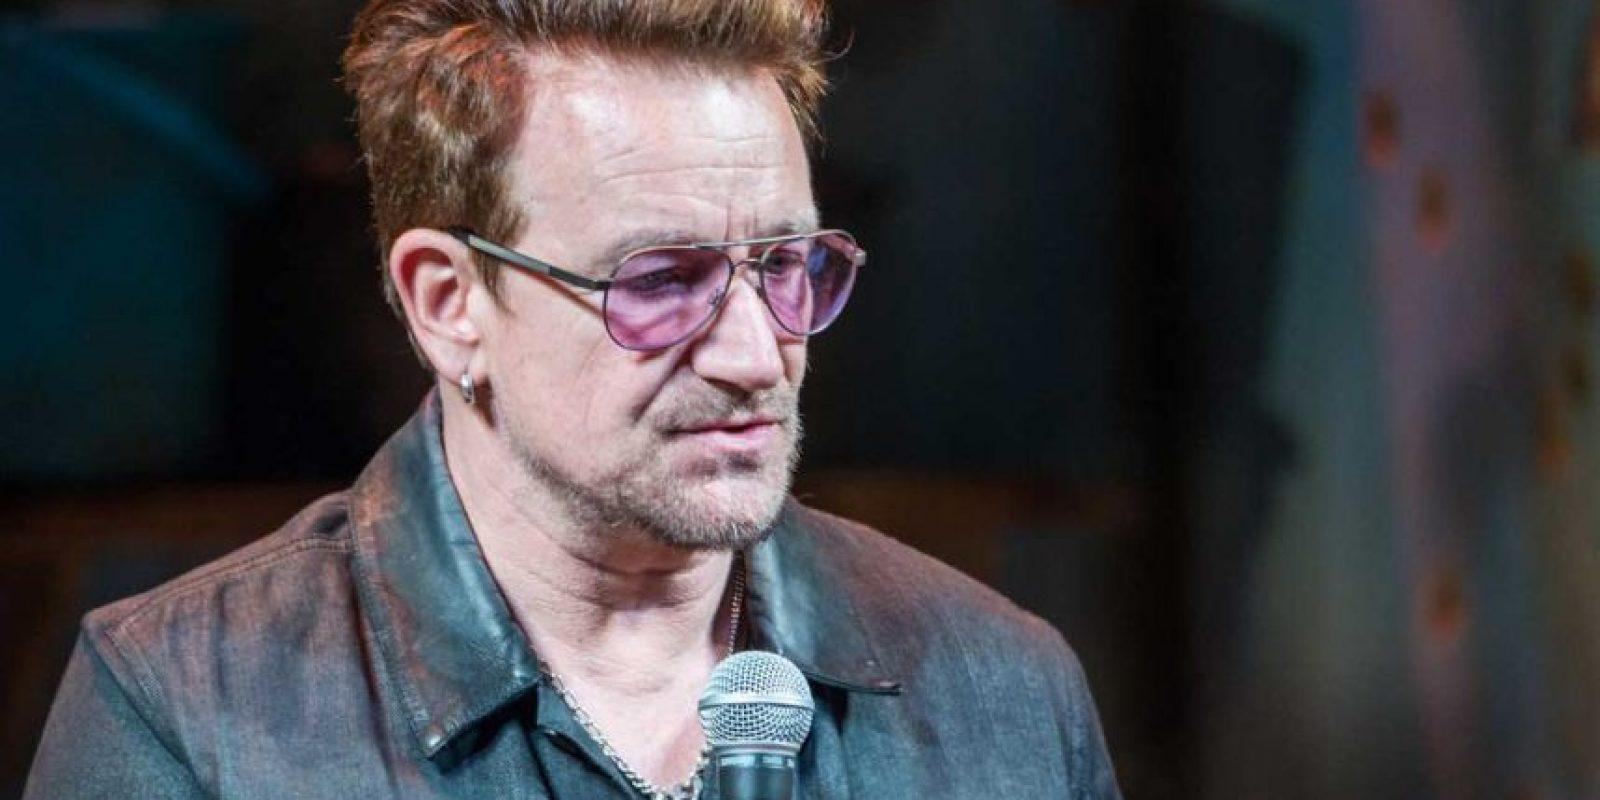 El pasado 14 de julio, Bono de U2, estuvo en Niza. Foto:Getty Images. Imagen Por: